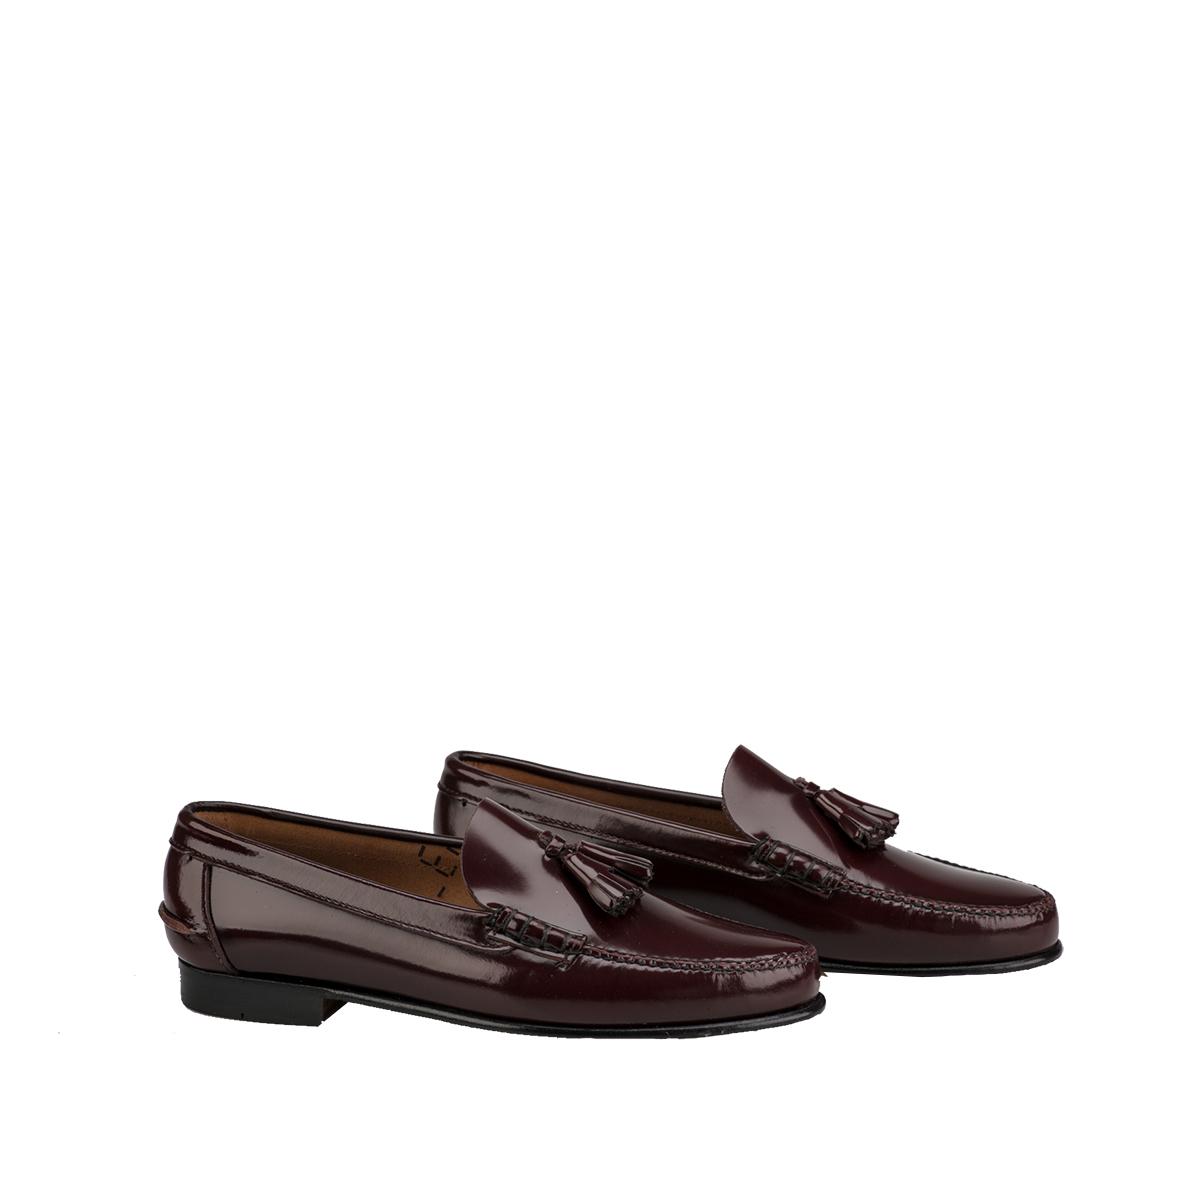 5044482cea8 Zapatos Castellanos Planos Borlas Pedro y Miguel - Calzados Díez